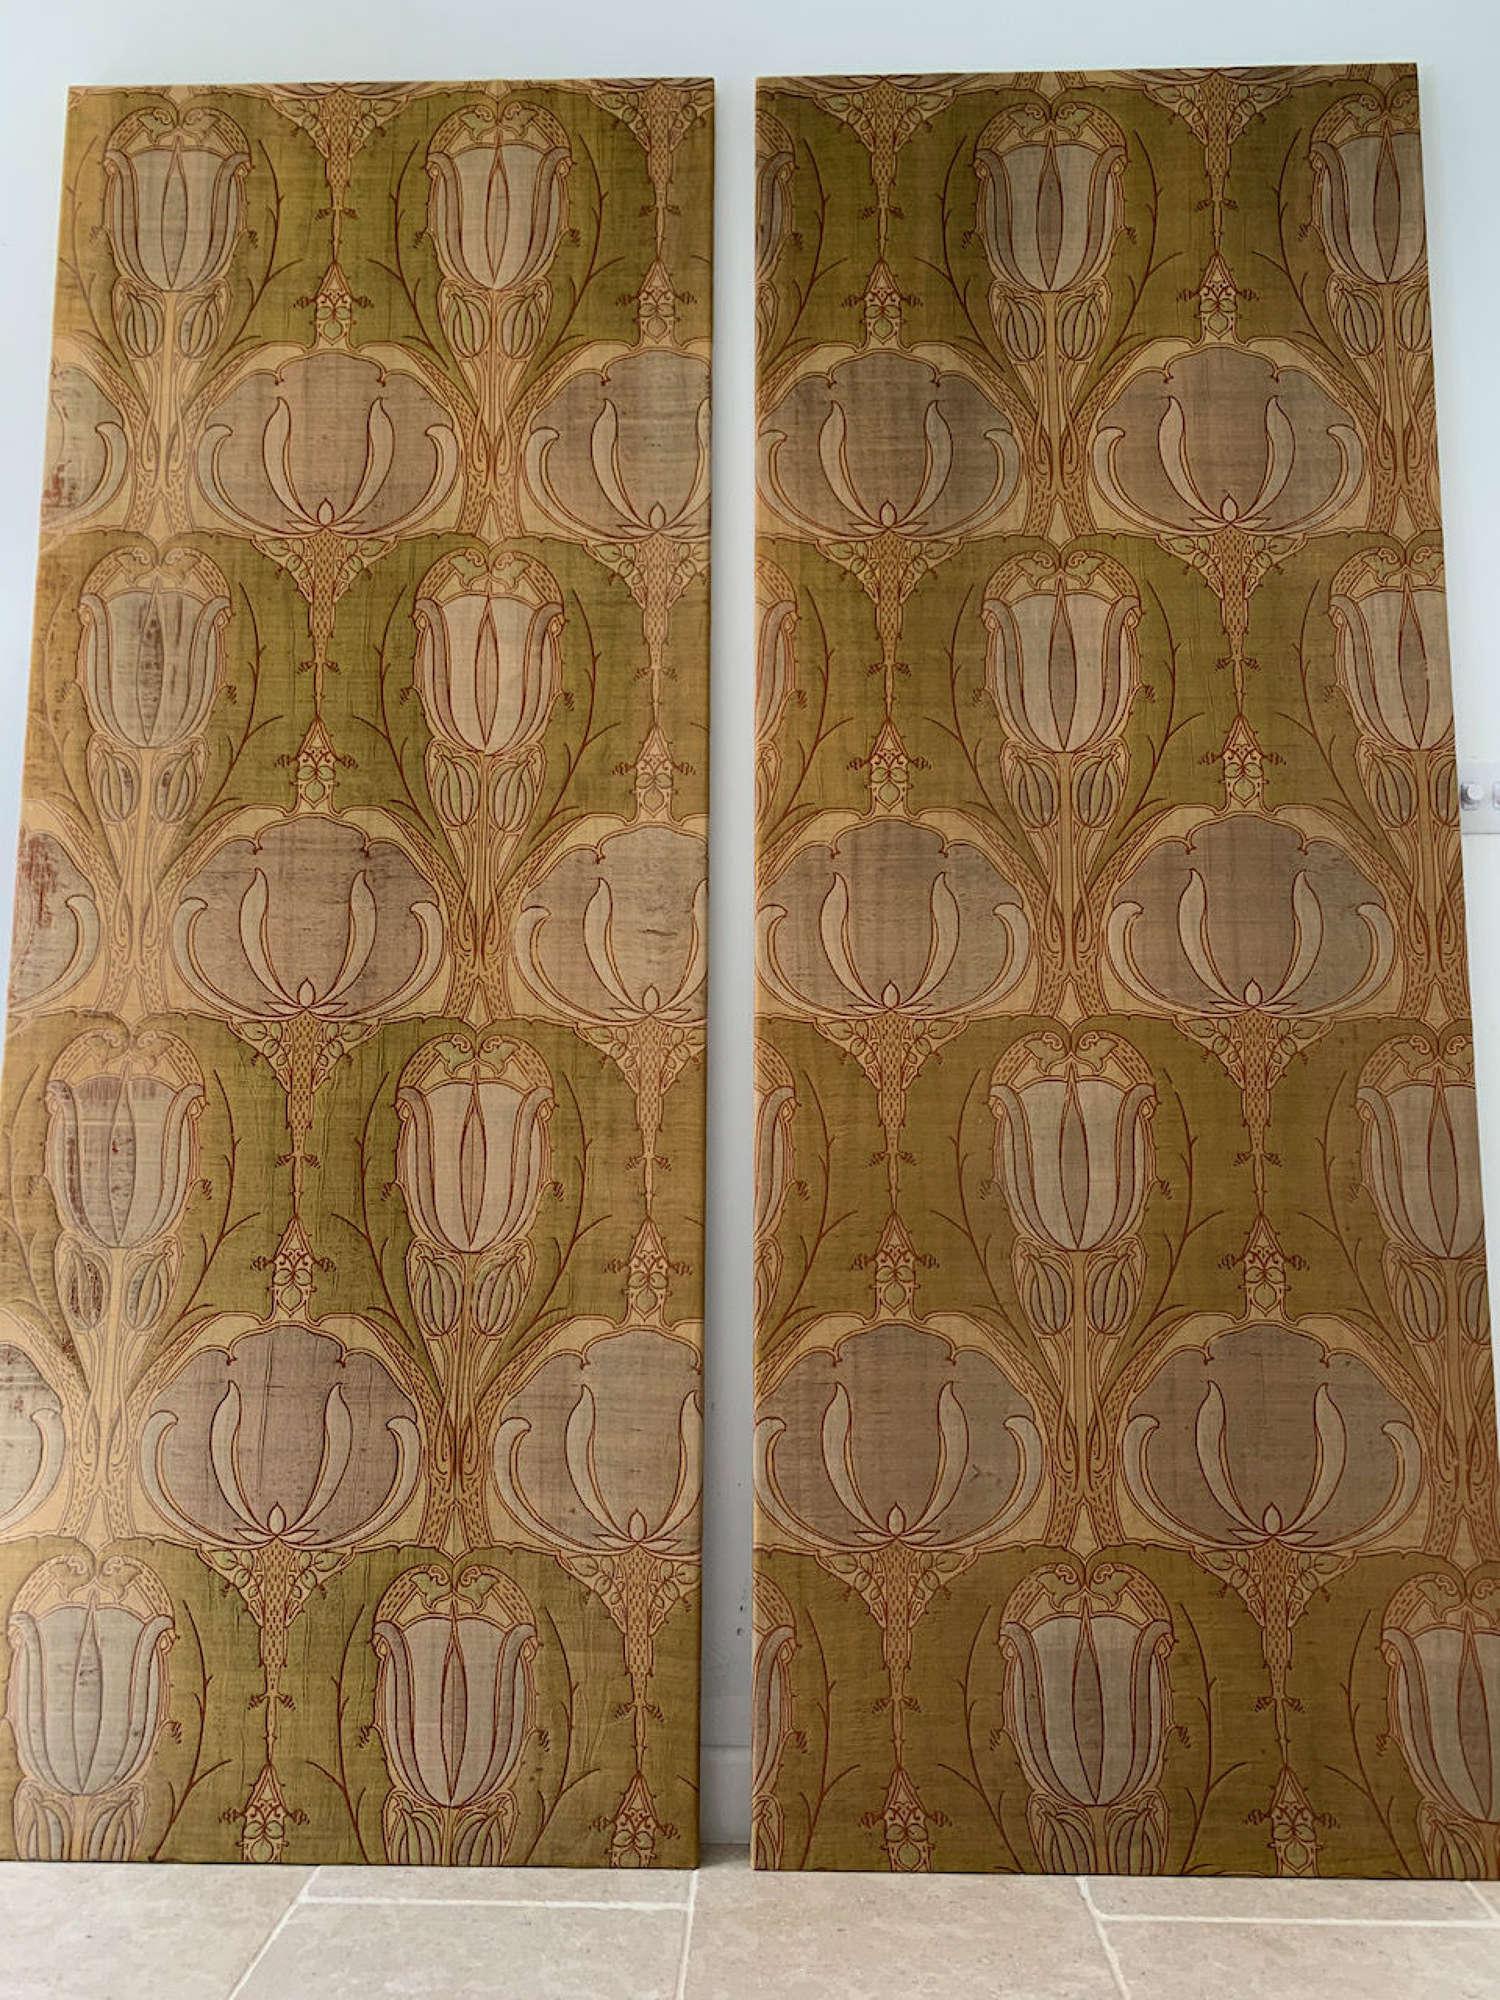 A pair of Art Nouveau Liberty textile panels